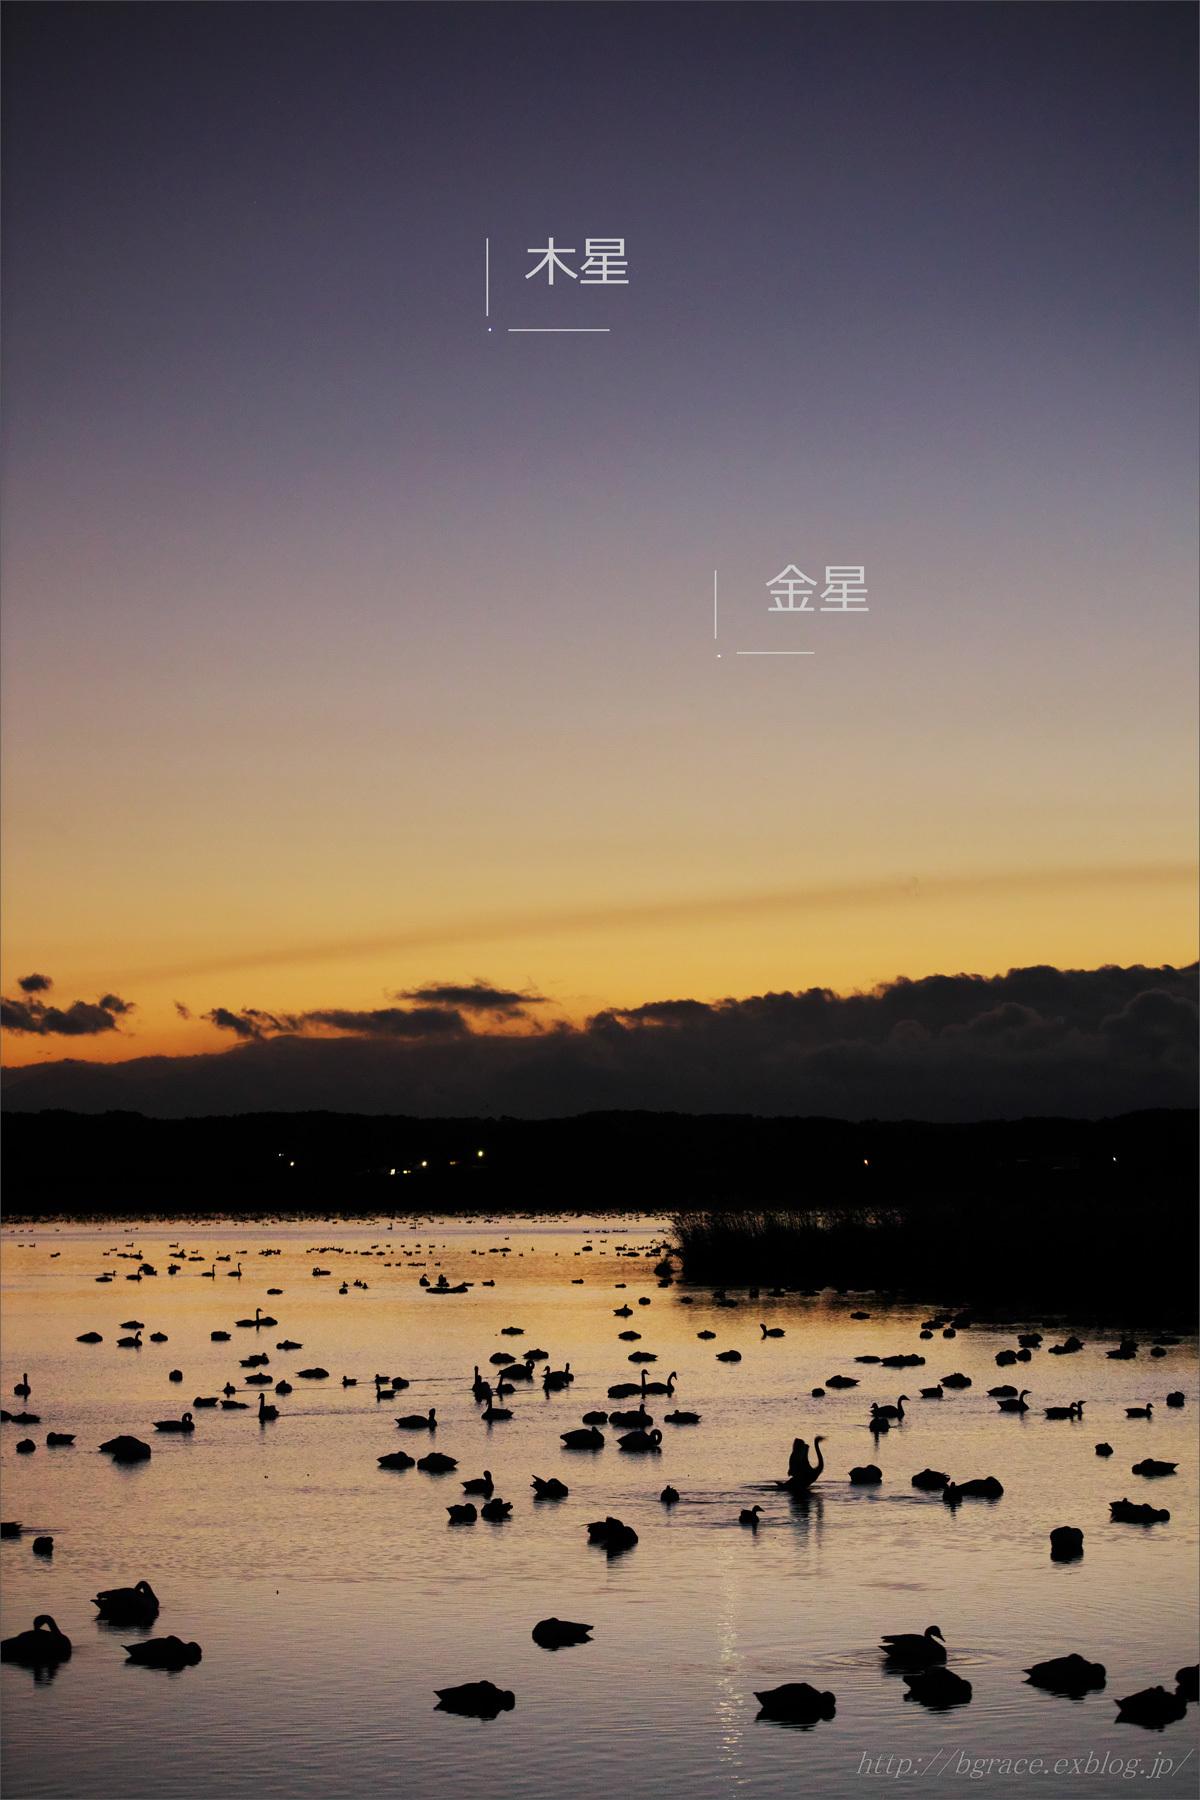 夕暮れの伊豆沼 金星と木星_b0191074_19505559.jpg